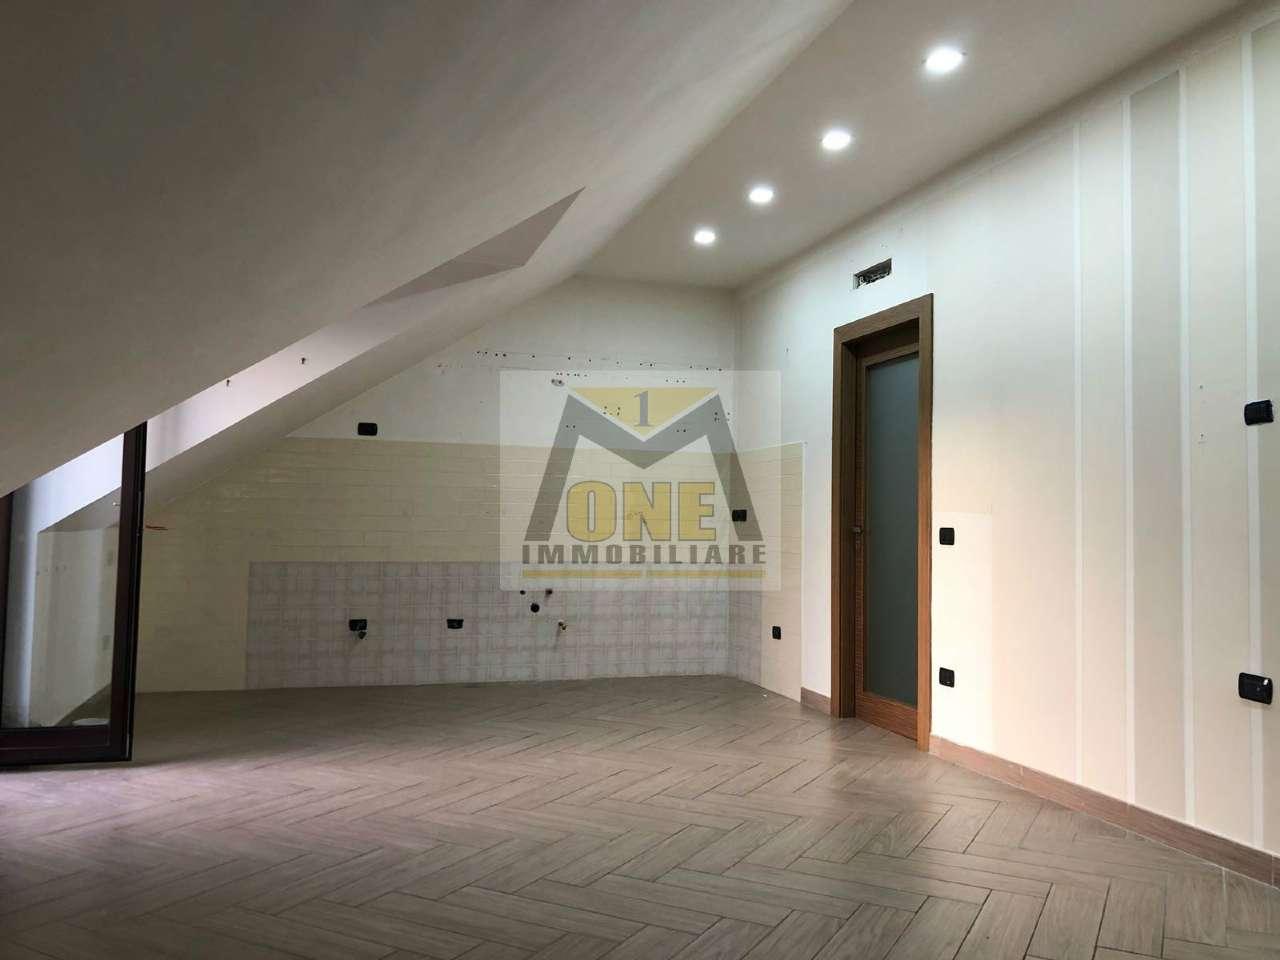 Attico / Mansarda in affitto a Giugliano in Campania, 3 locali, prezzo € 450 | CambioCasa.it